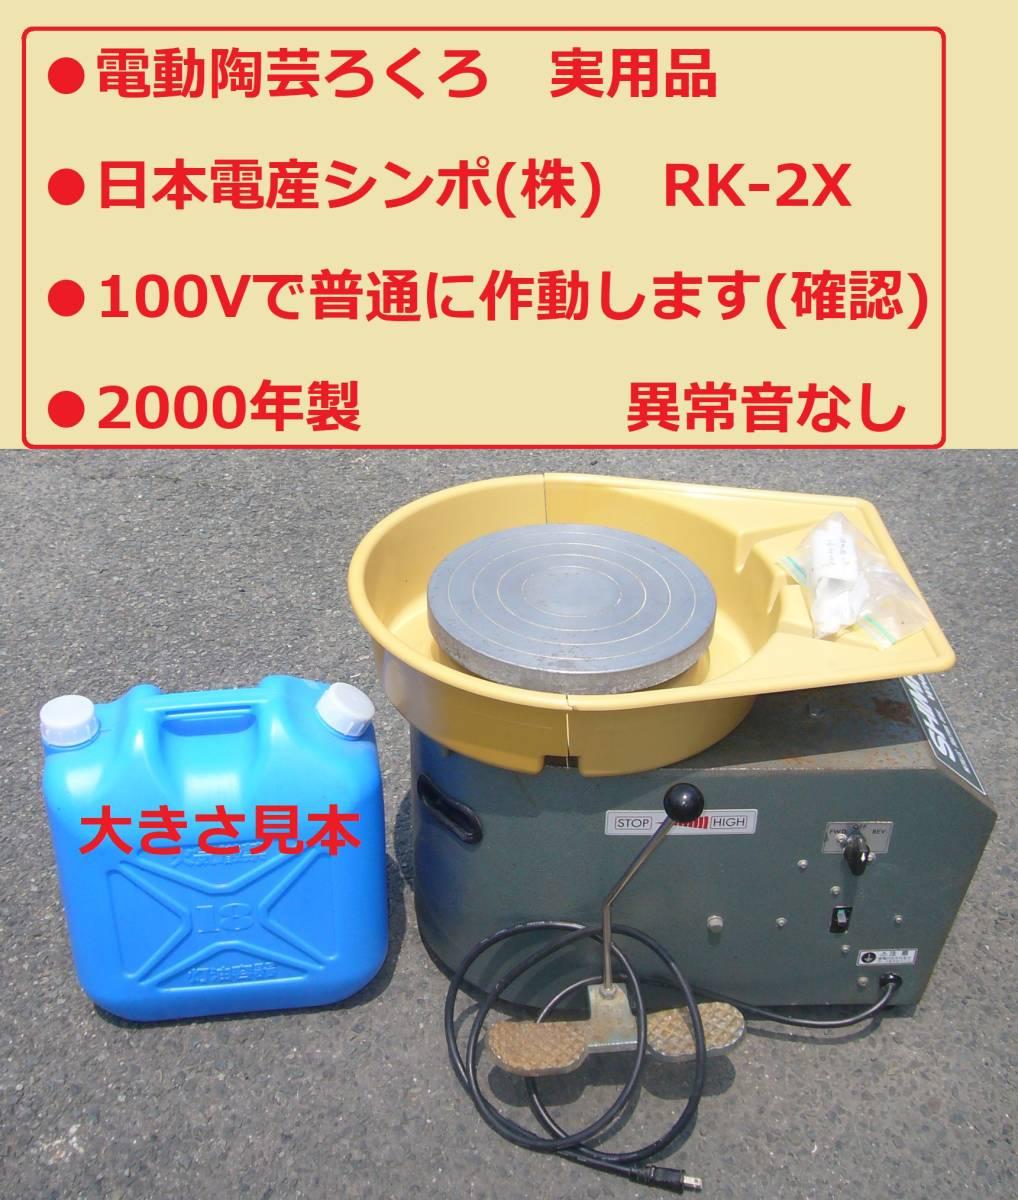 ●電動陶芸ろくろ●100V●作動確認品●日本電産シンポ(株)RK-2X